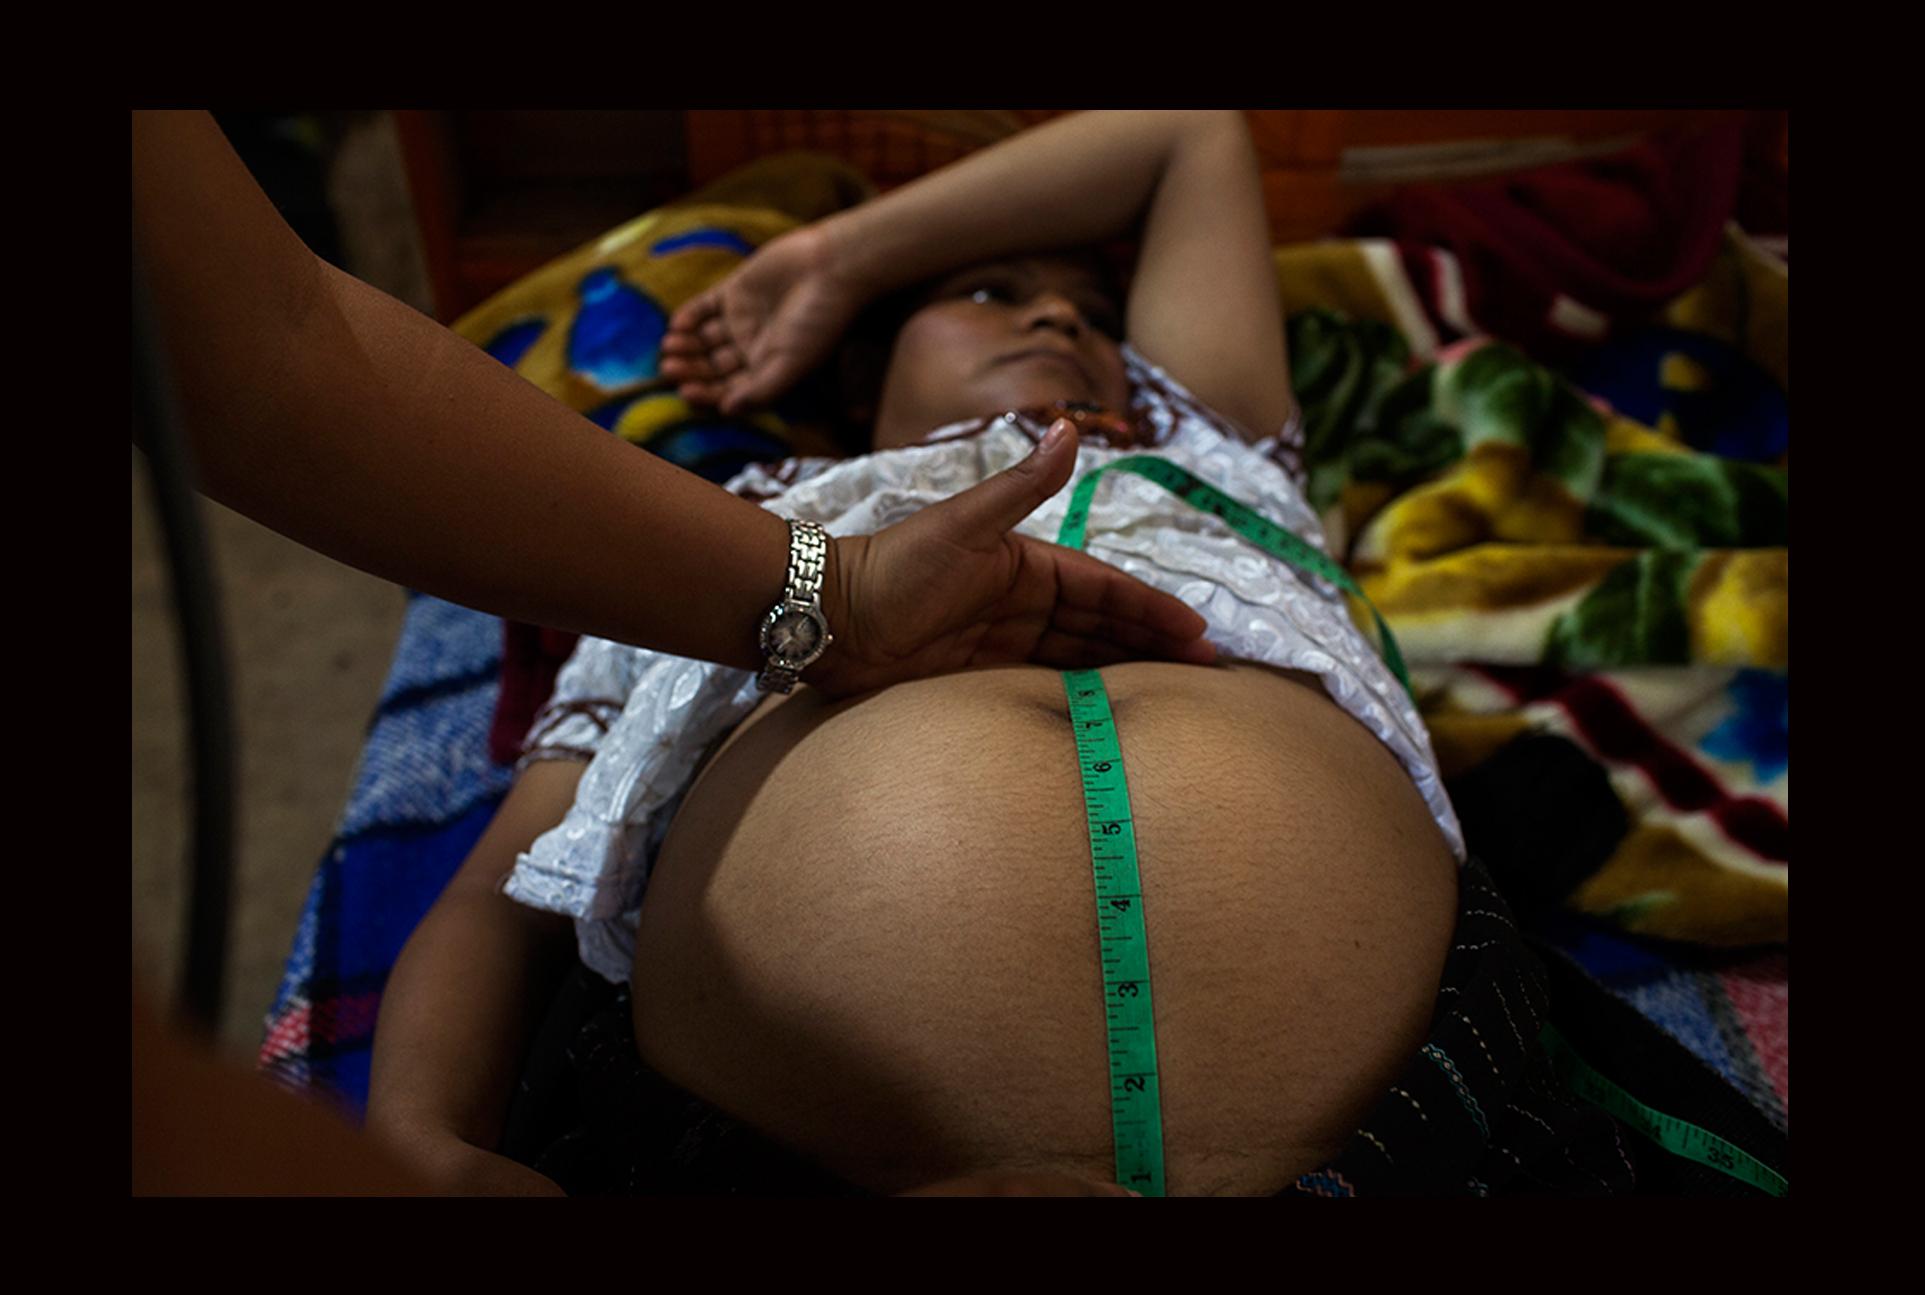 Magdalena Sac Ixtos, de 25 años, en su octavo mes de embarazo, recibe visitas semanales de control.